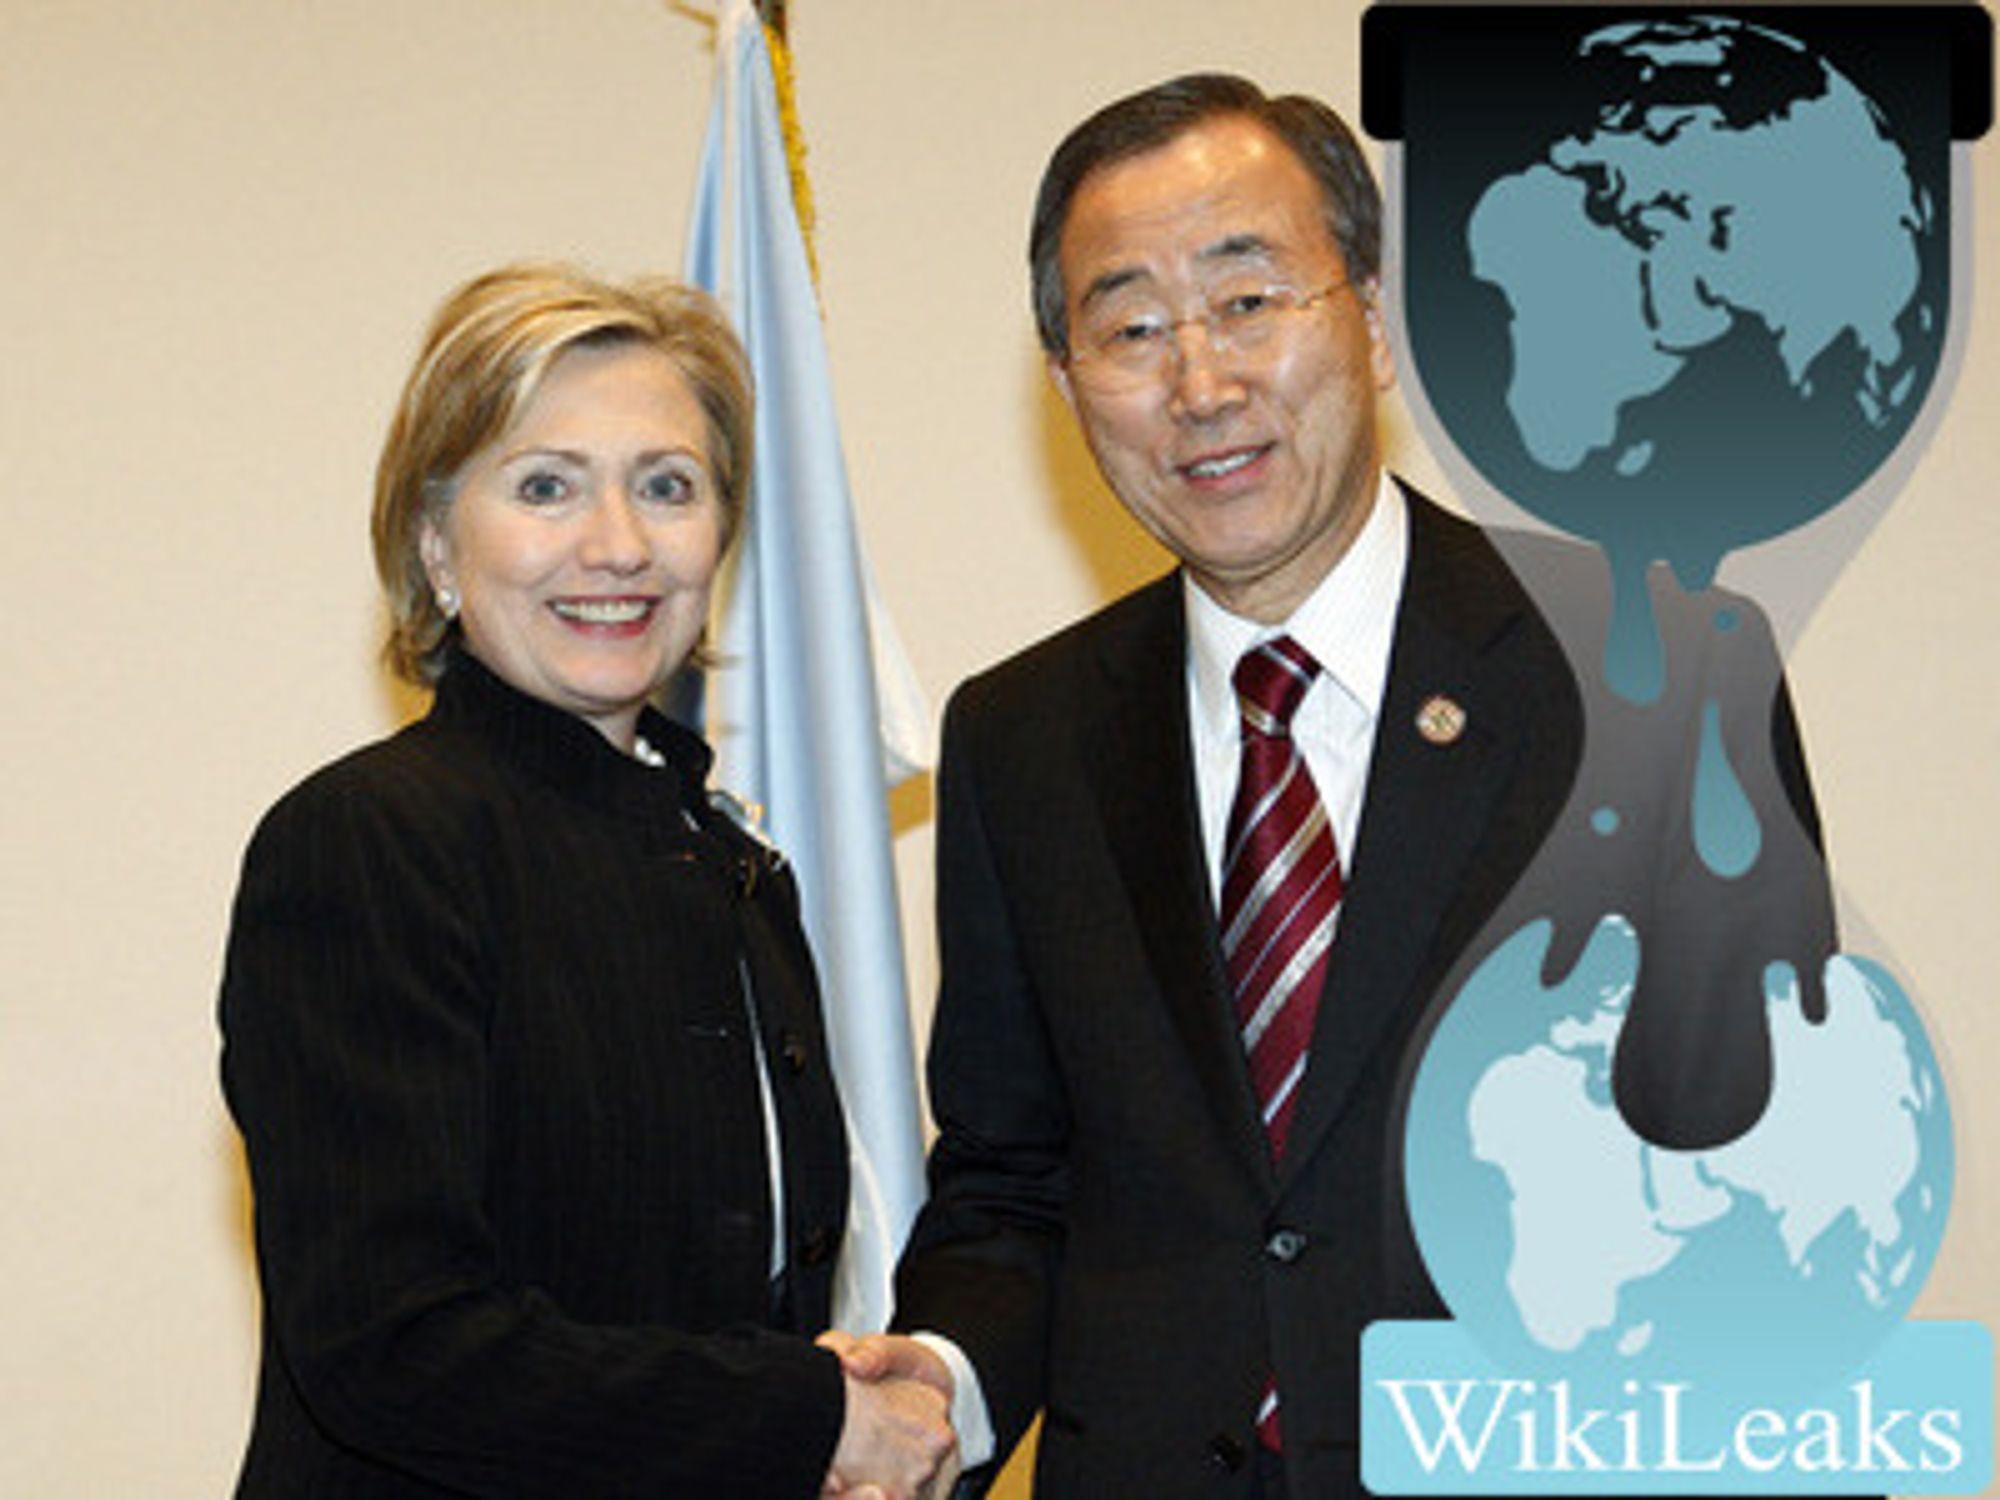 Montasjen bygger på et bilde tatt av USAs utenriksminister Hillary Clinton og FNs generalsekretær Ban Ki-moon i Eypt i mars 2009, av UN Photo/Mark Garten, fire måneder før Clinton beordret datainnbrudd og overvåking av generalsekretærenog andre FN-topper.